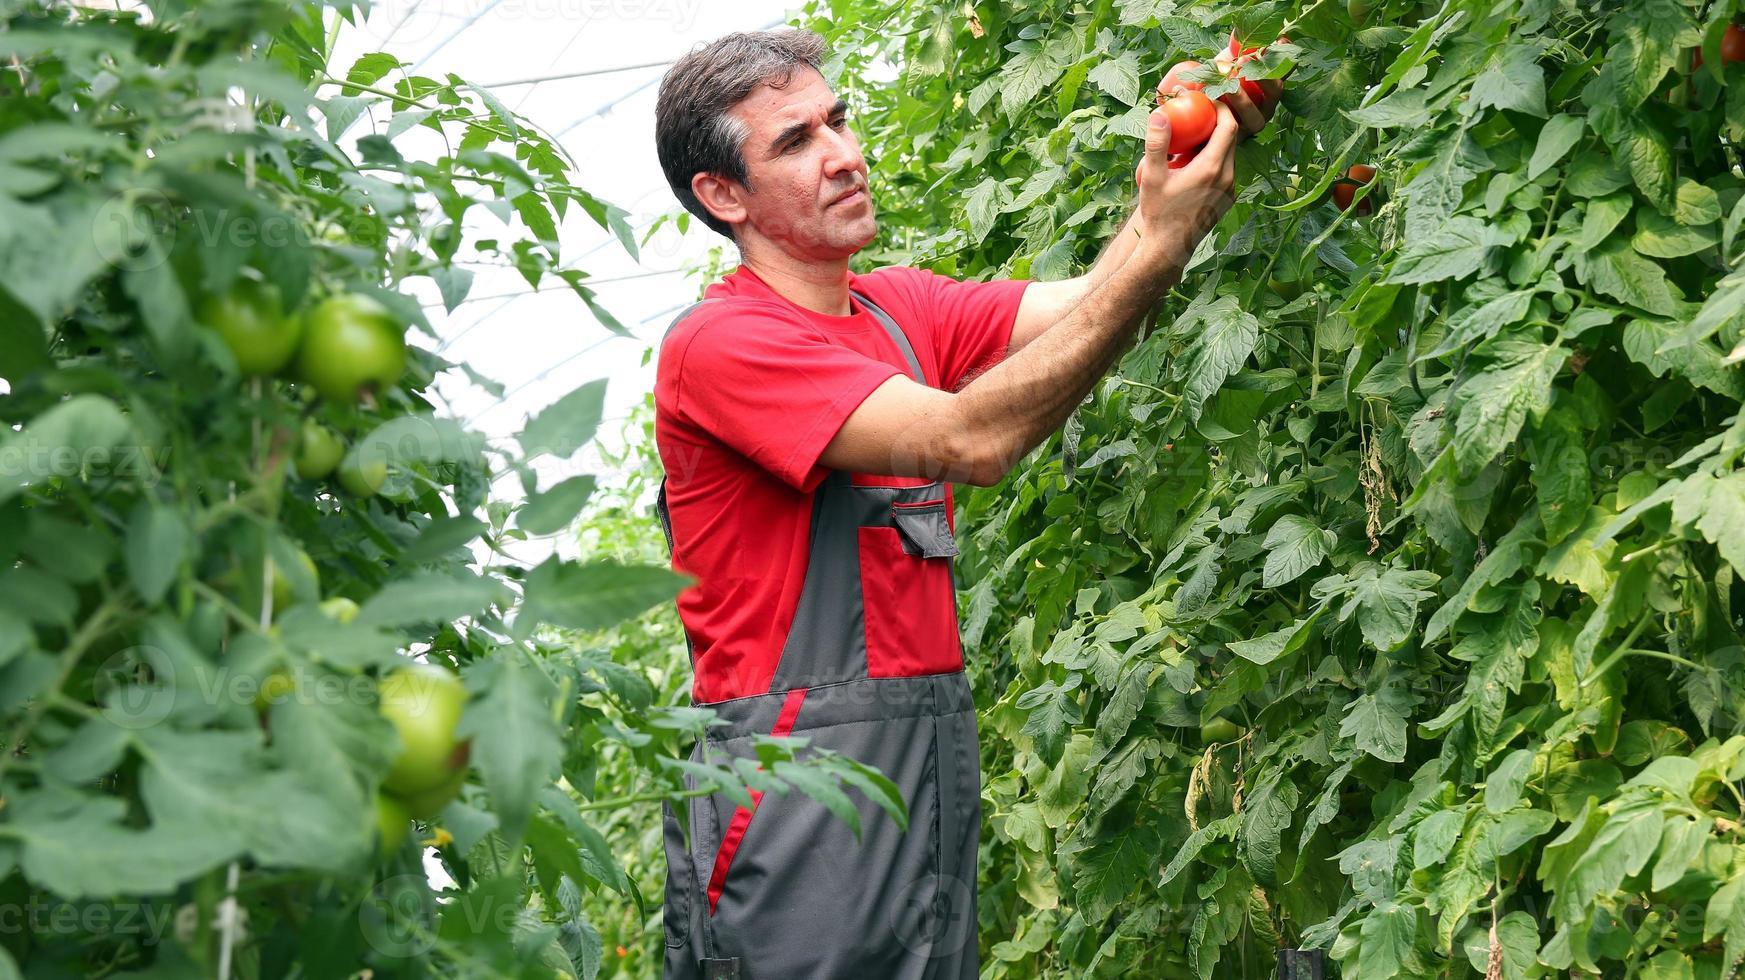 Biobauer, der Tomaten erntet foto